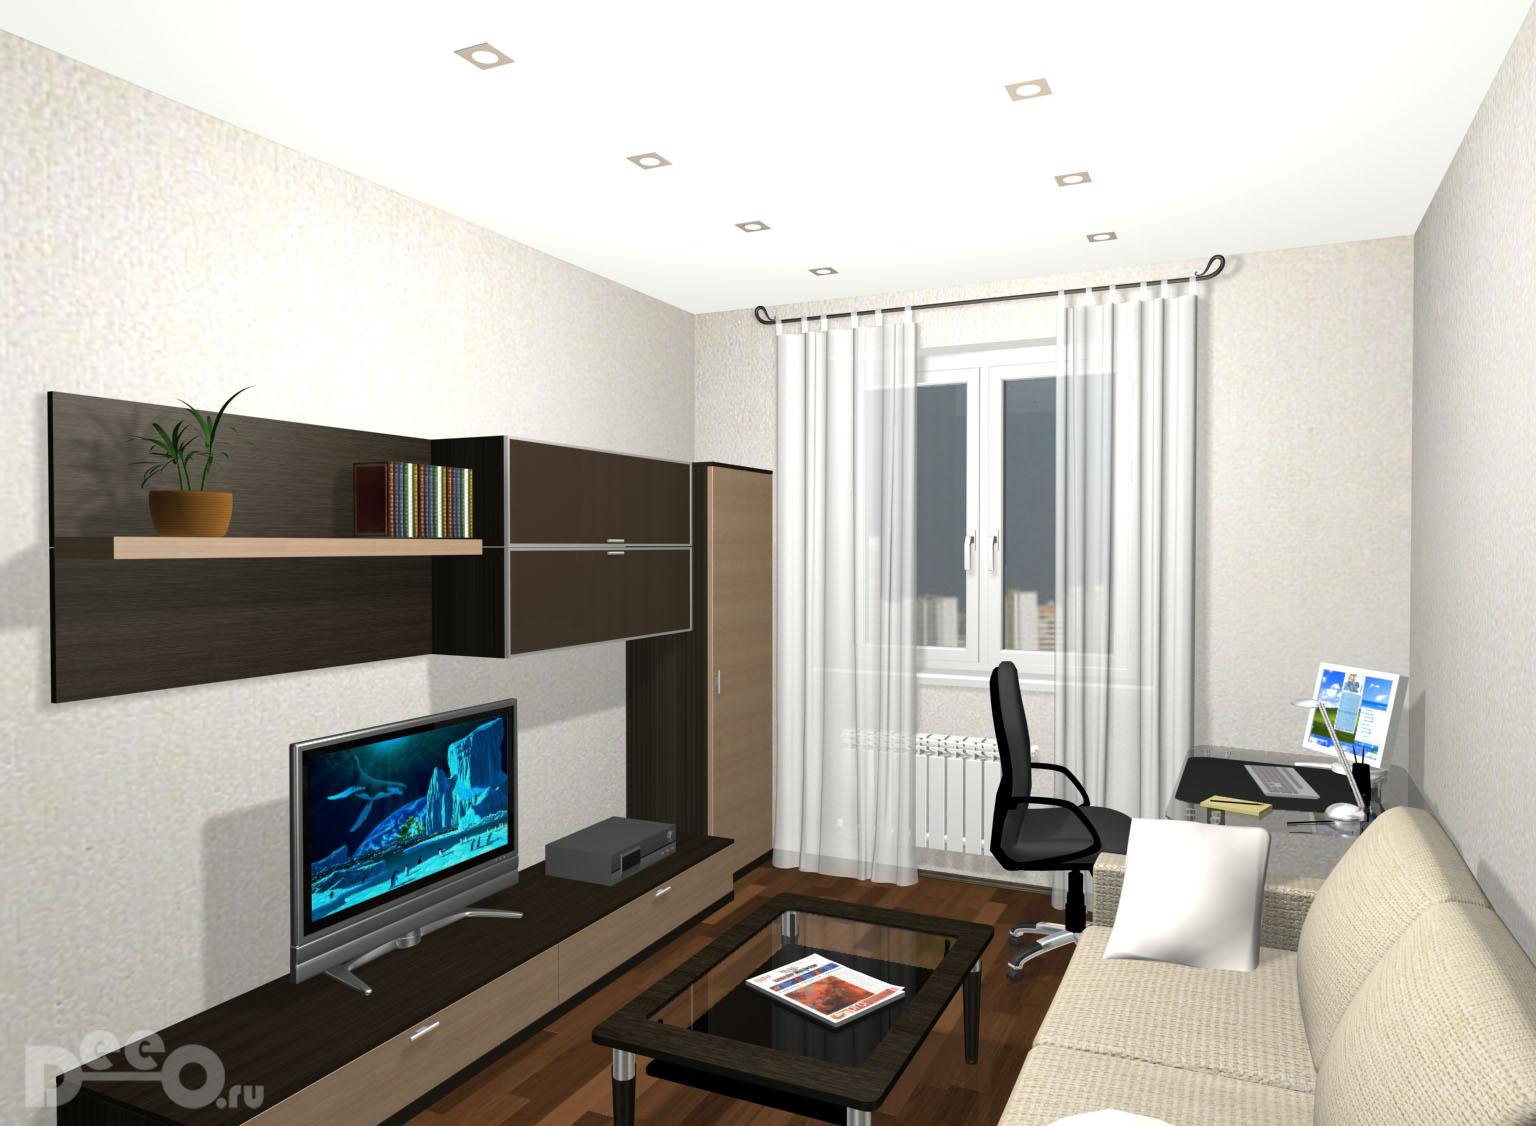 Интерьер гостиной 3 на 5 метров фото в пастельных тонах